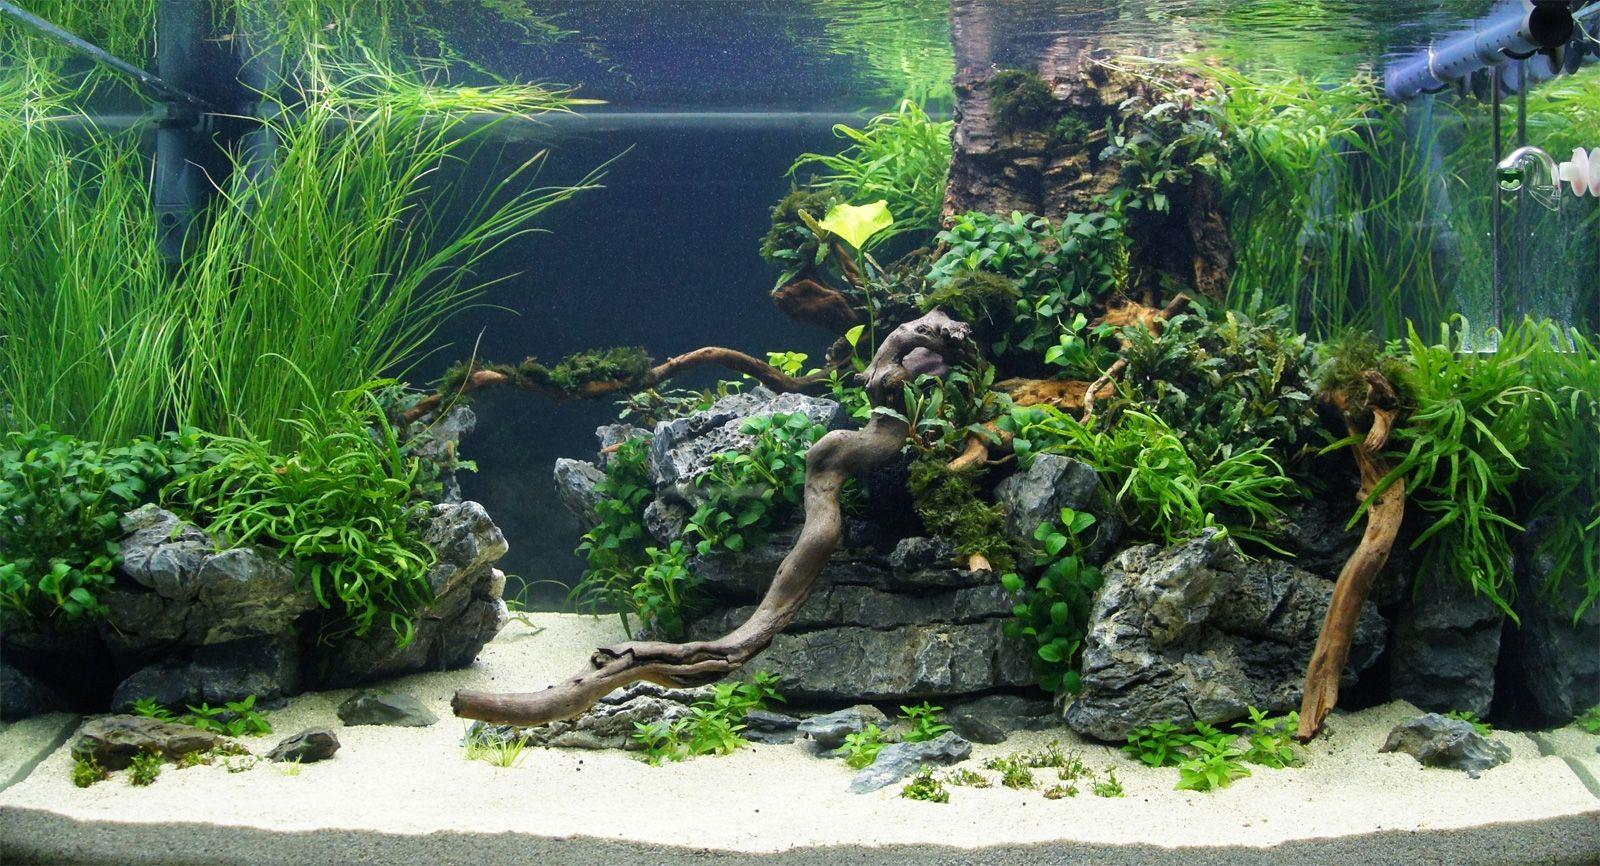 дизайн аквариума с камнями фото ощущение